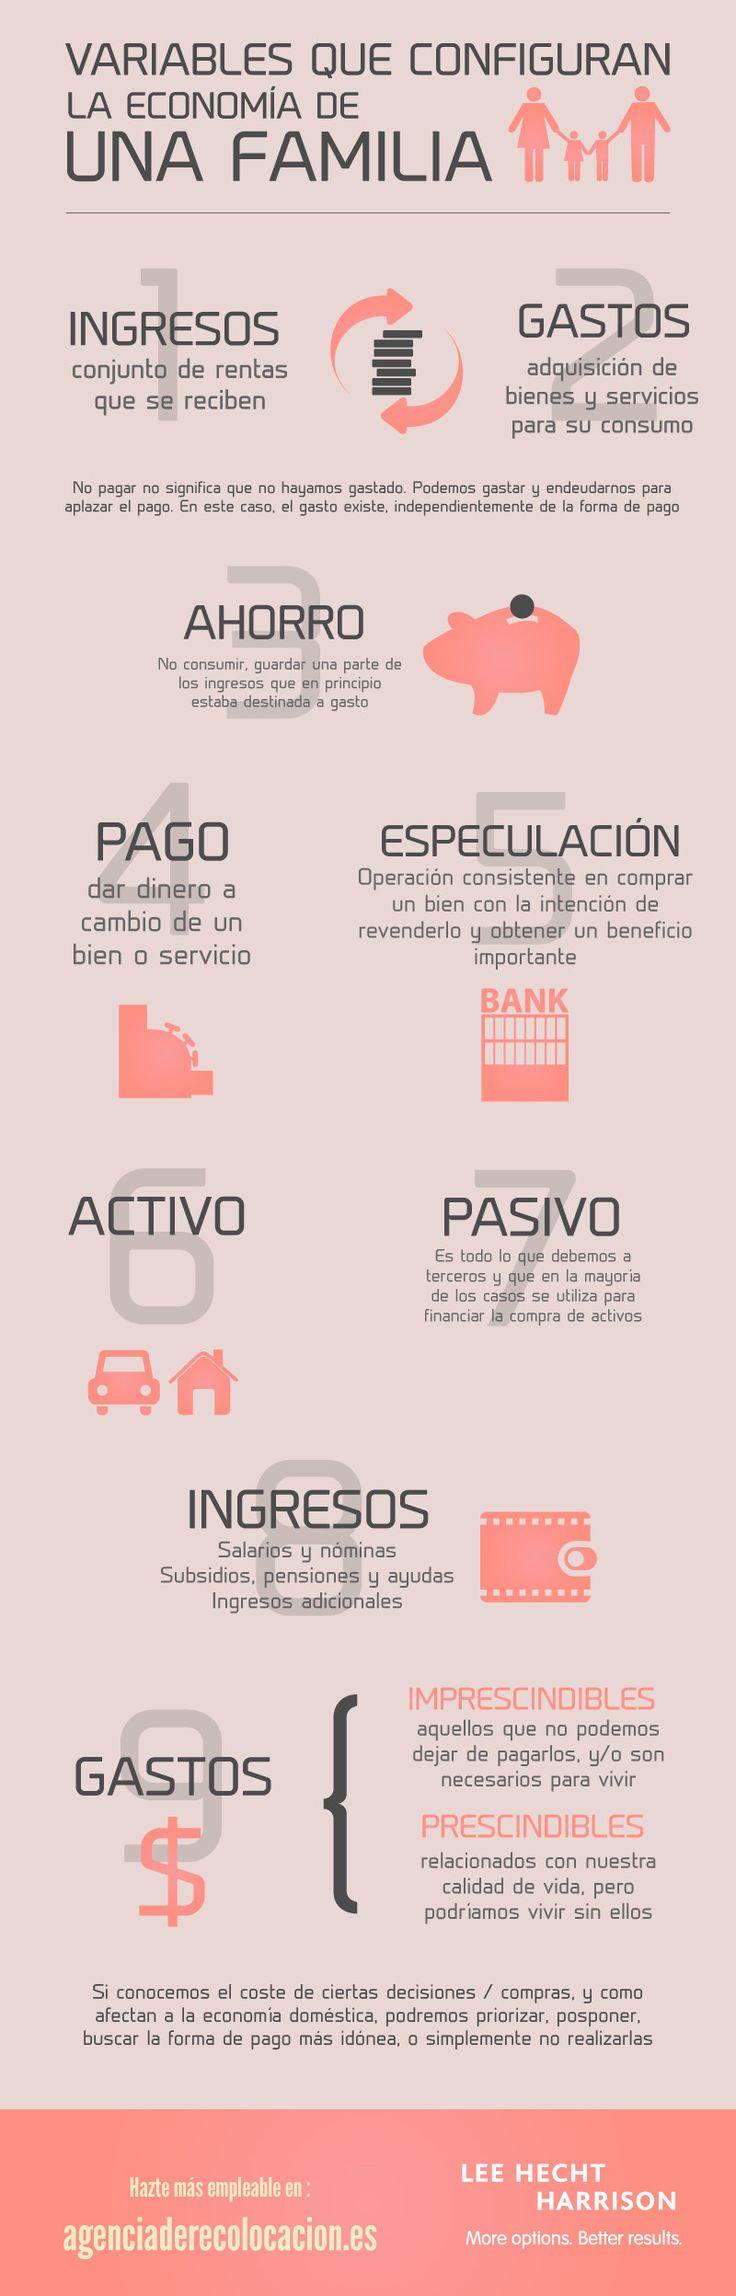 Conceptos básicos de la economía familiar (infografía)